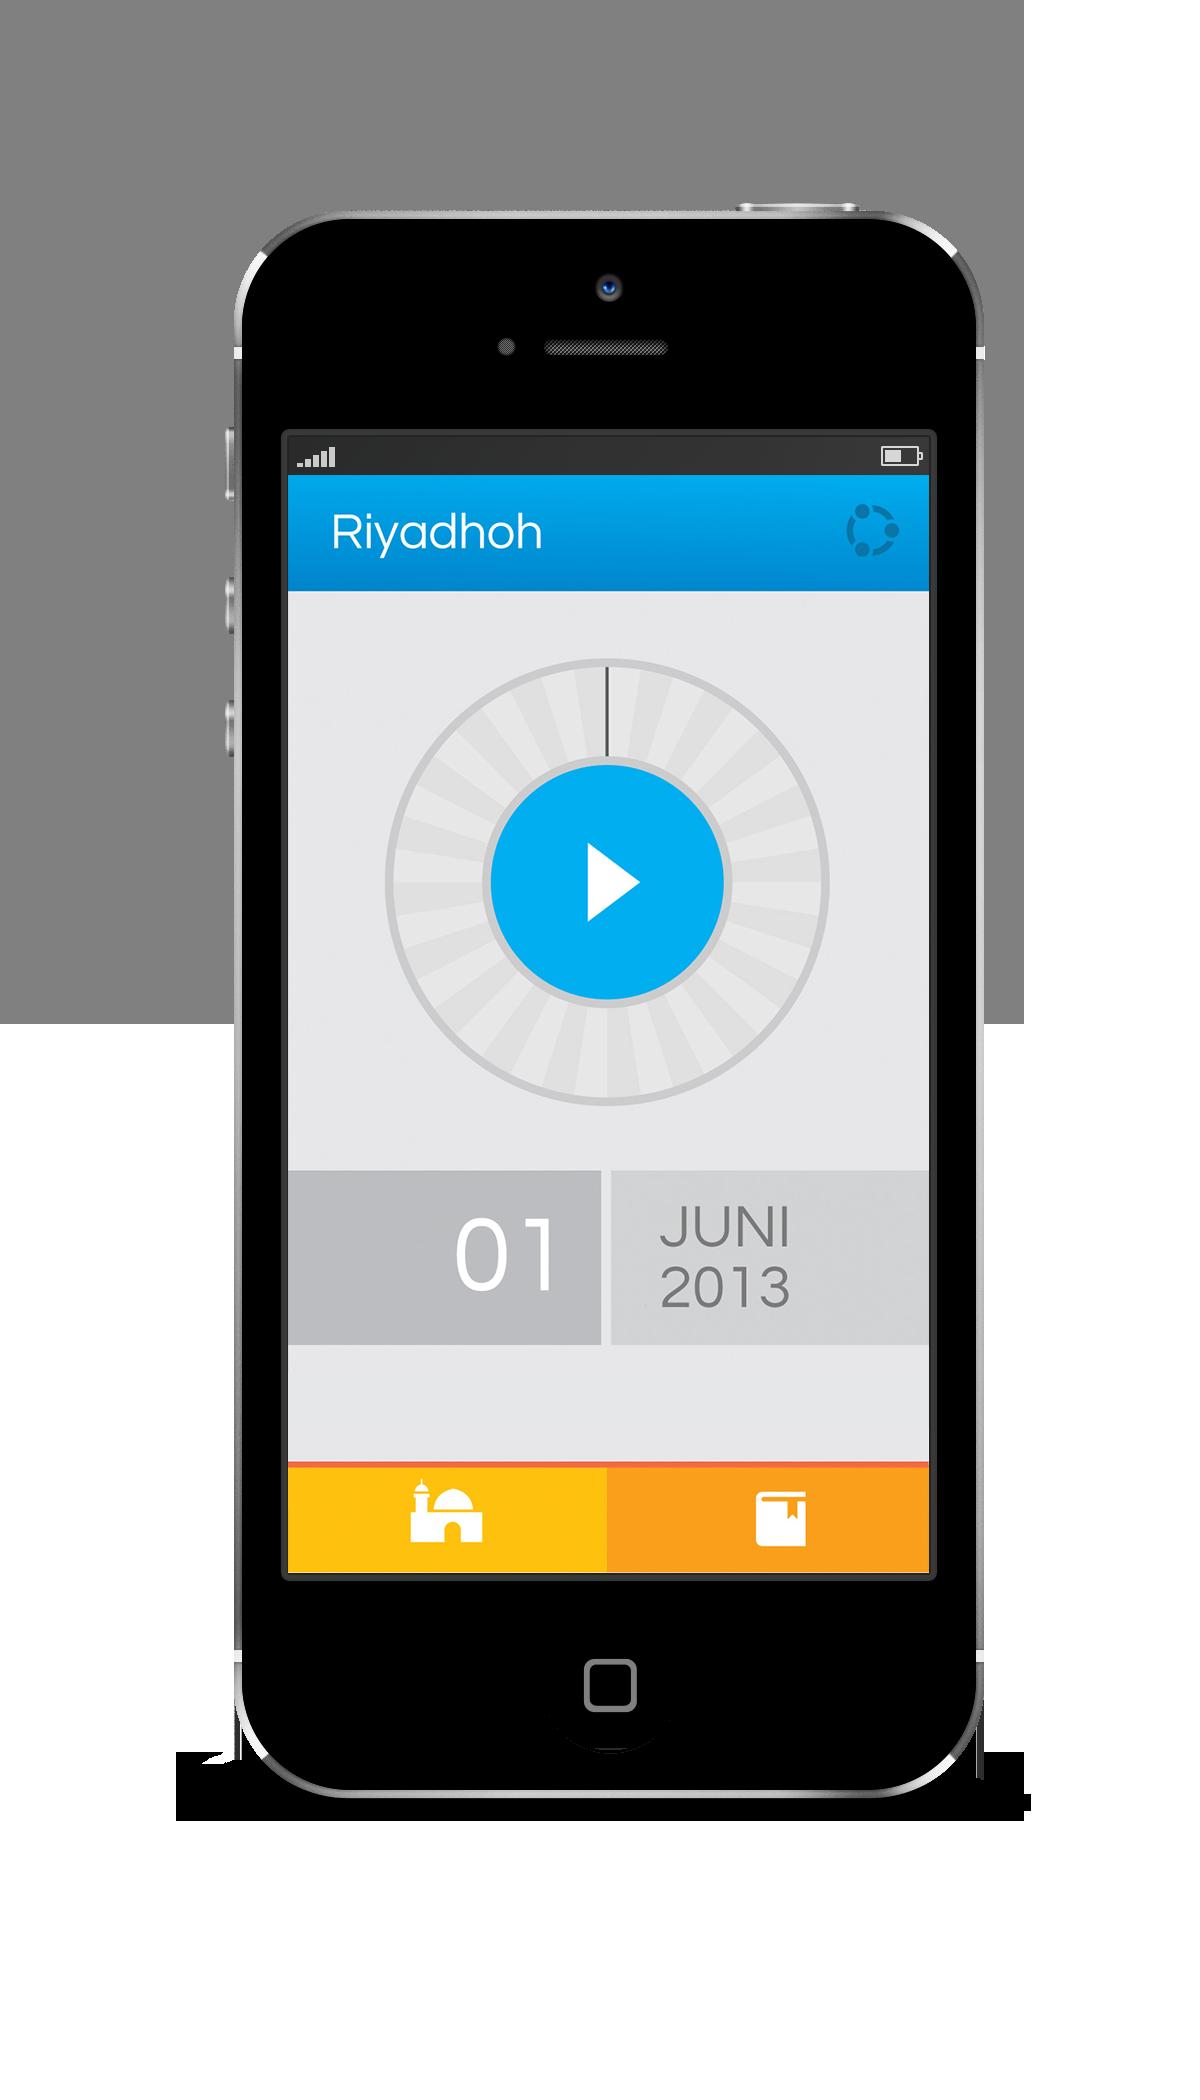 Aplikasi Riyadhoh Aplikasi Bantuan Lengkap Bagi Umat Muslim Yang Berniat Melakukan Riyadhoh Sebuah Amalan Untuk Mendapatkan Ridho Al Aplikasi Amal Segalanya